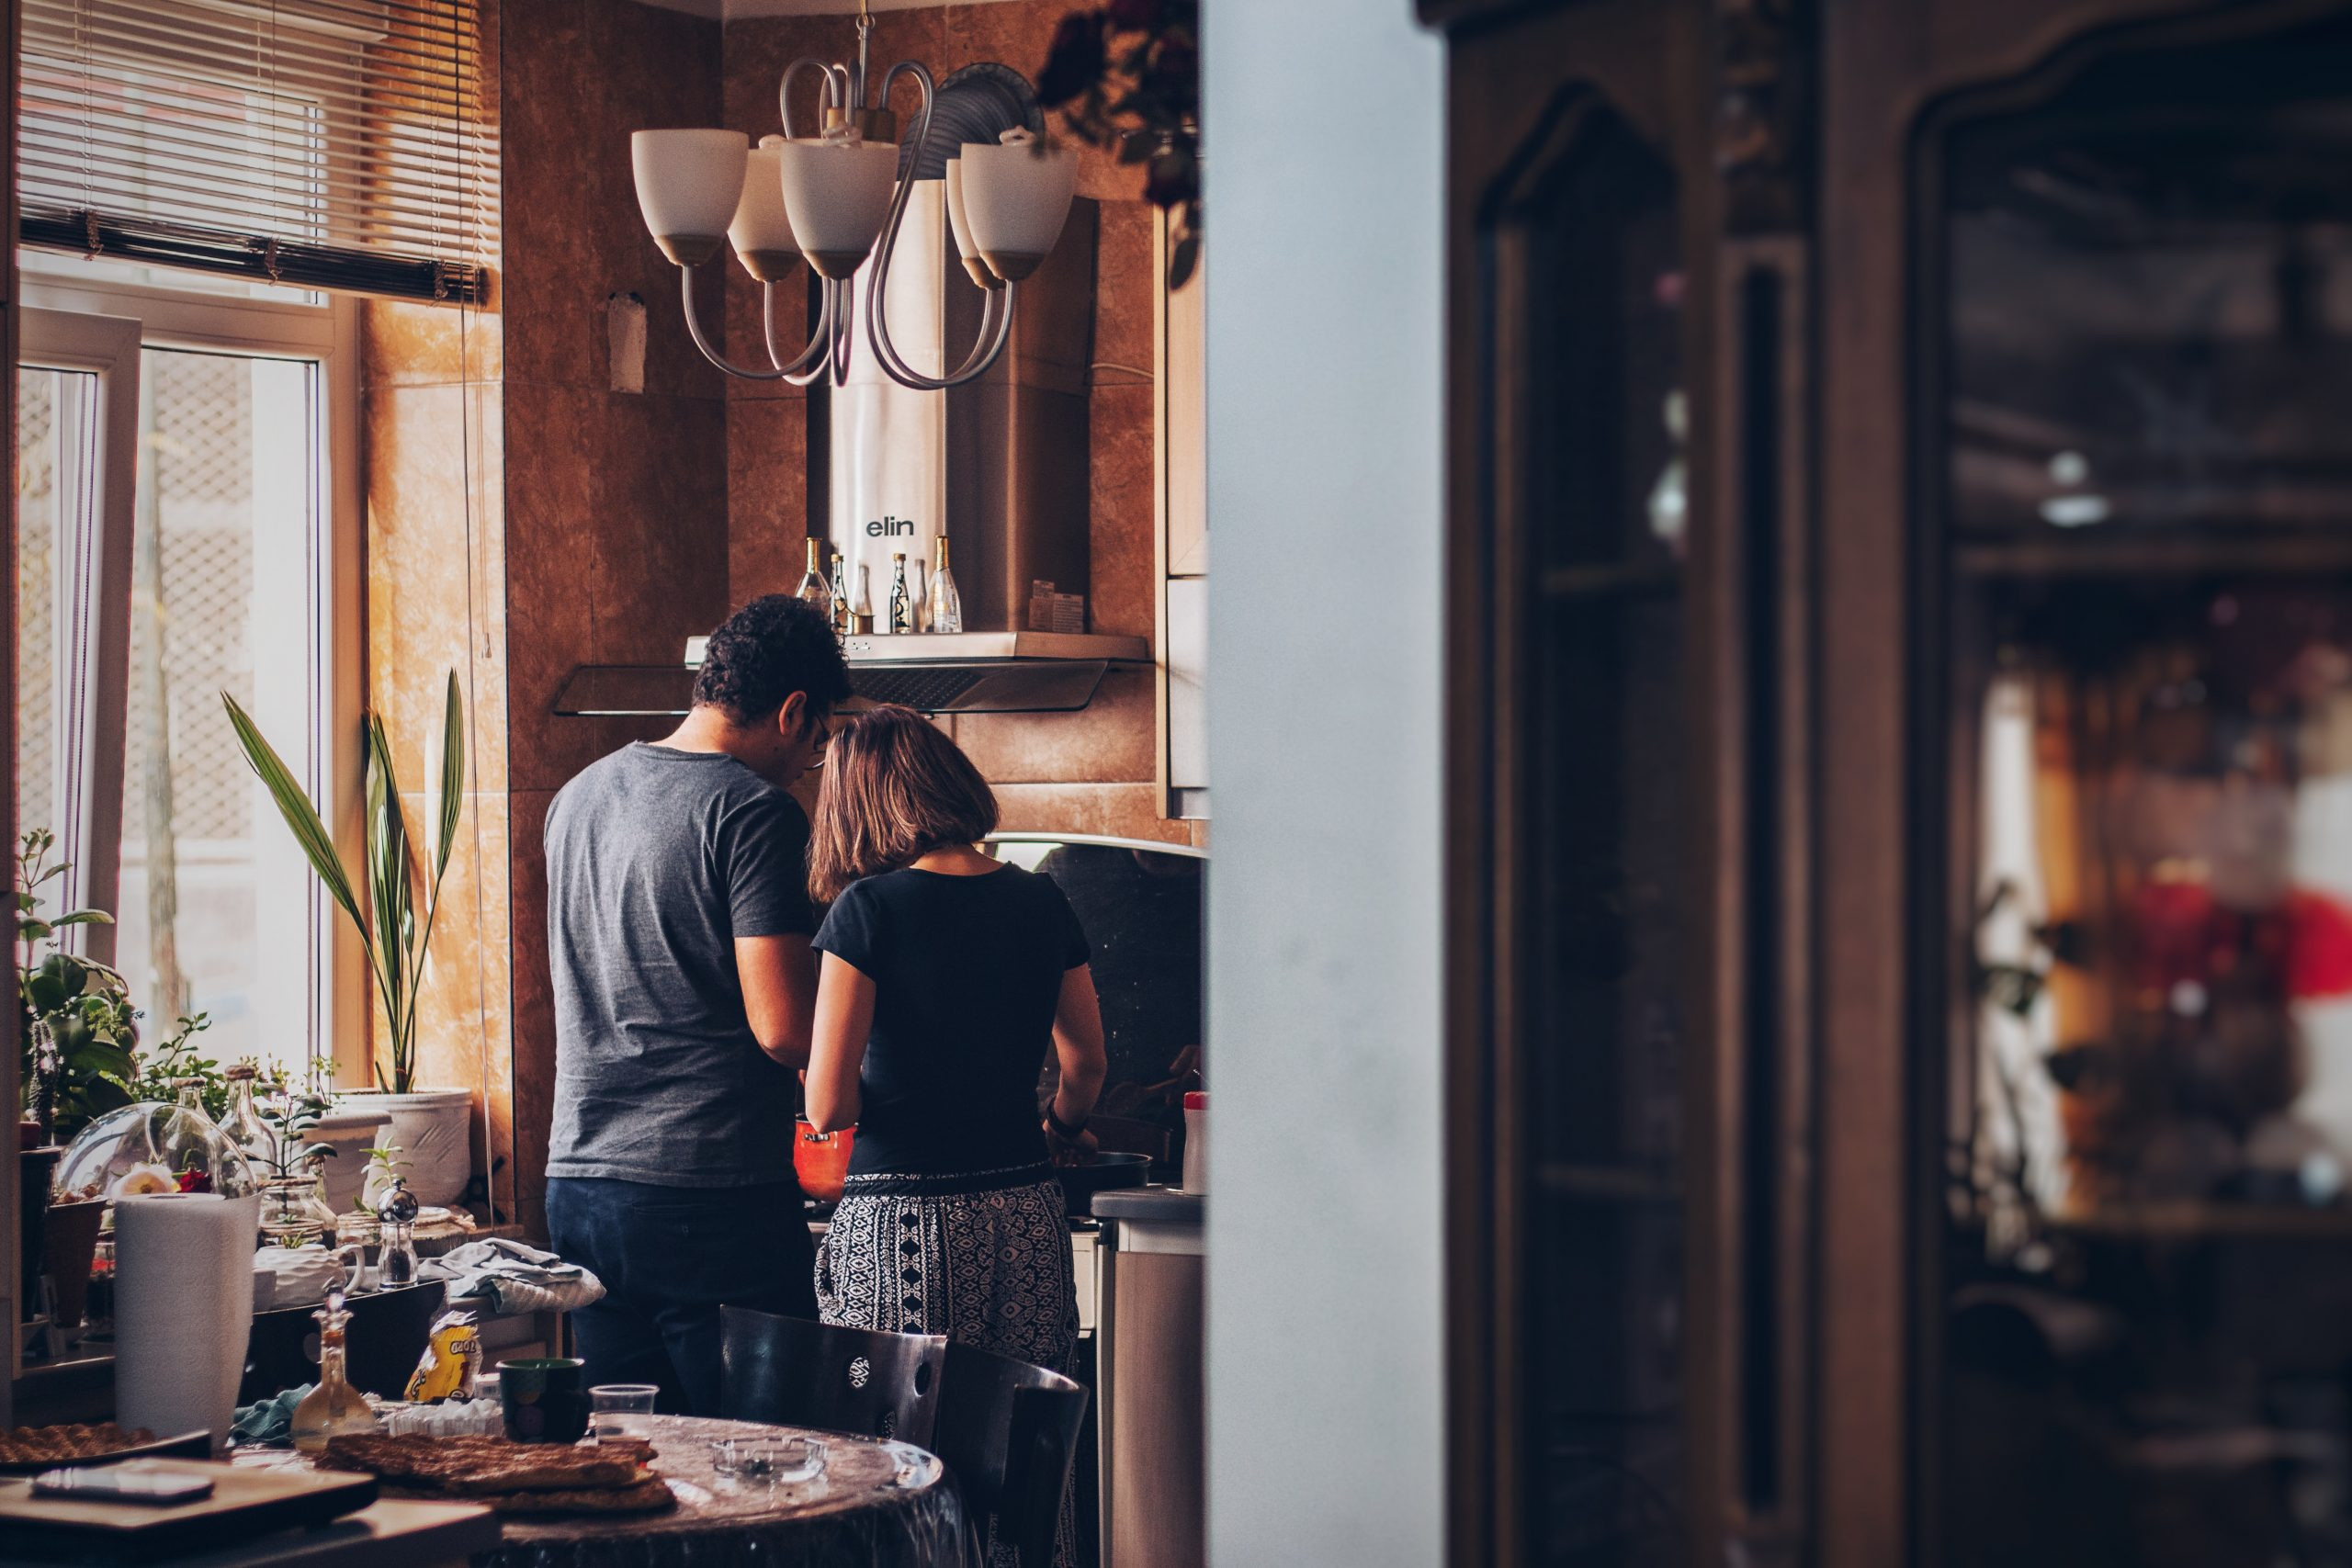 Zwei Personen allein Zuhause - Isolation